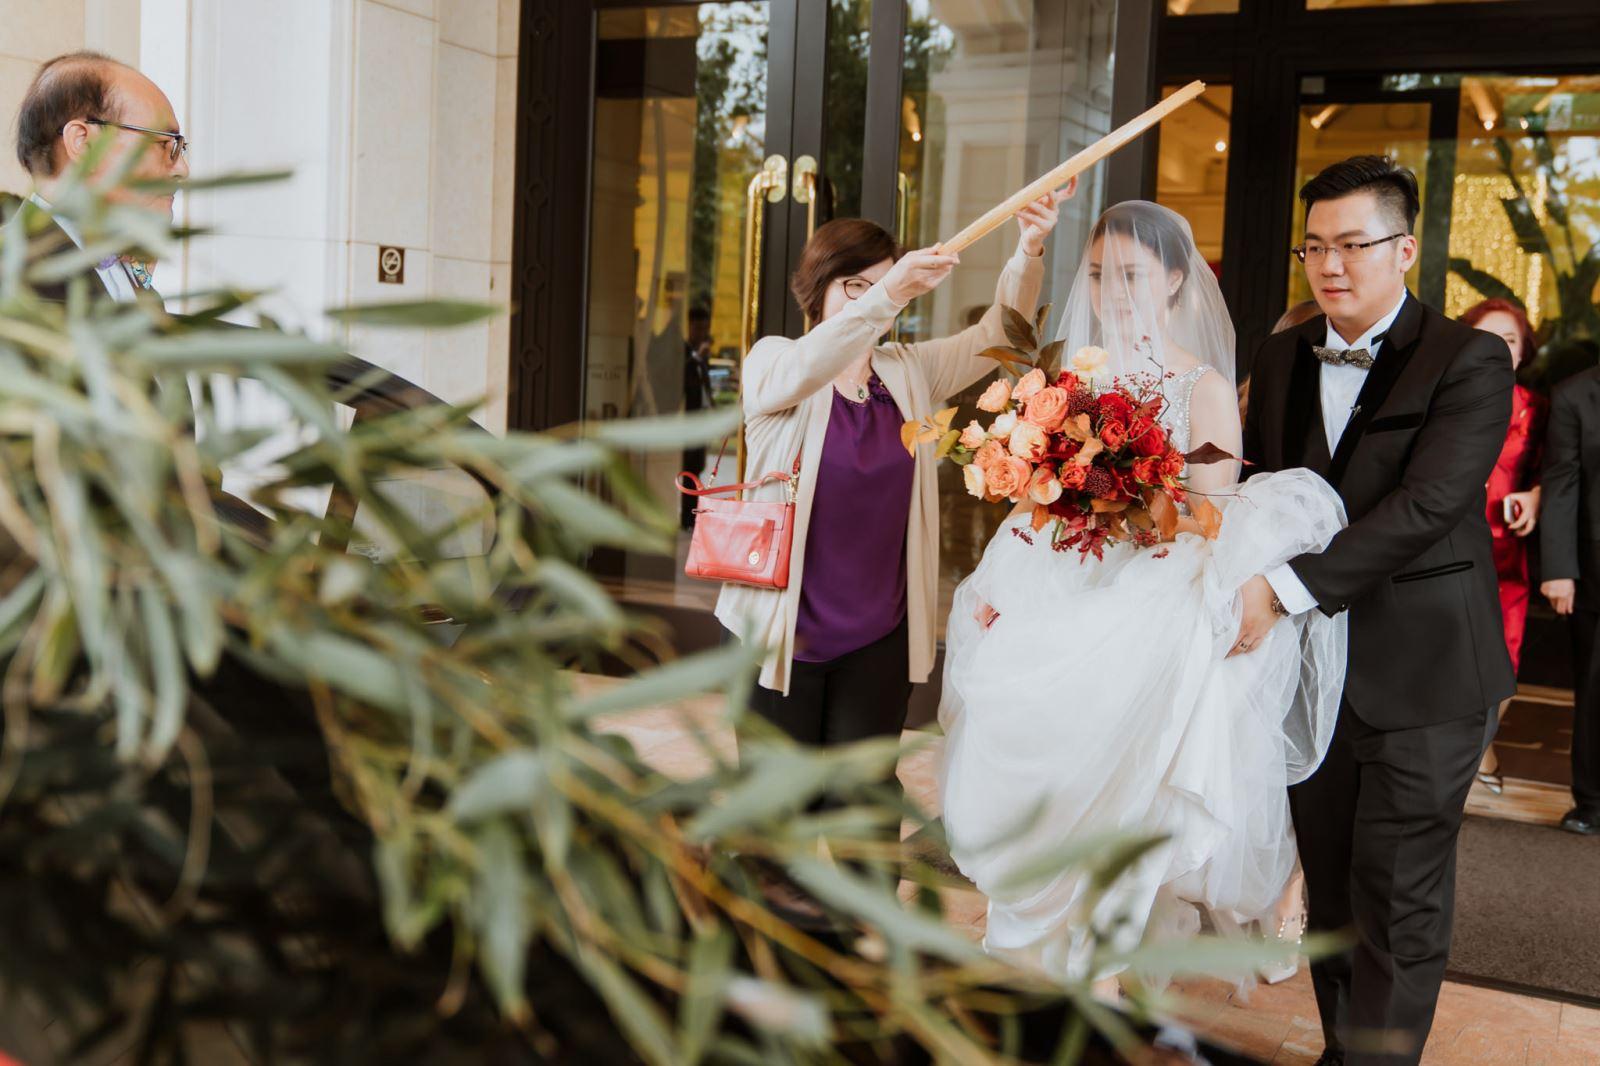 米篩遮於新娘頭上,新娘要出嫁了